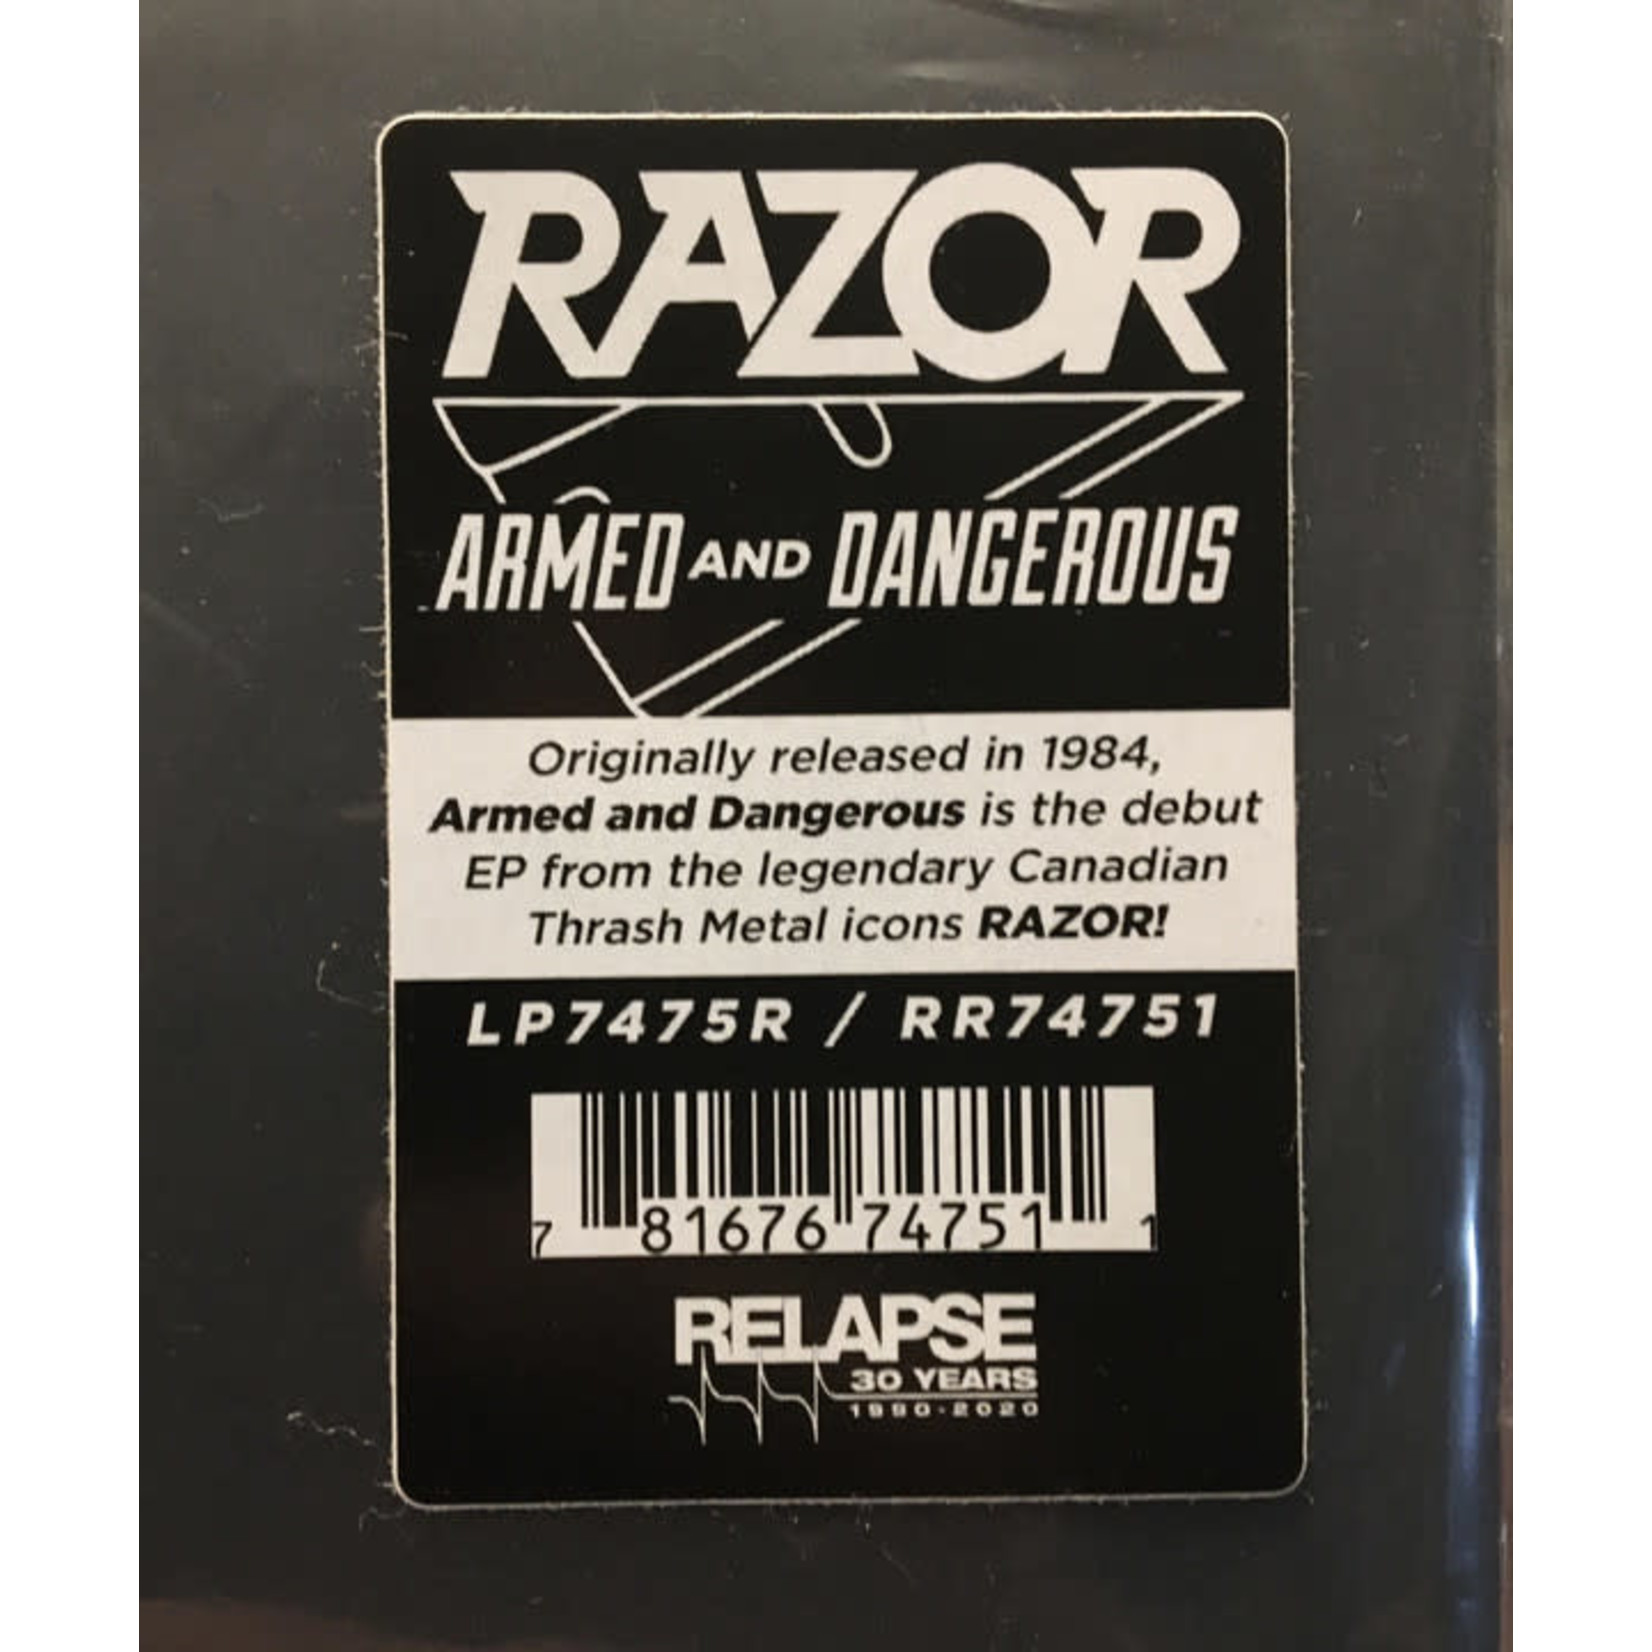 RAZOR ARMED AND DANGEROUS (REISSUE)